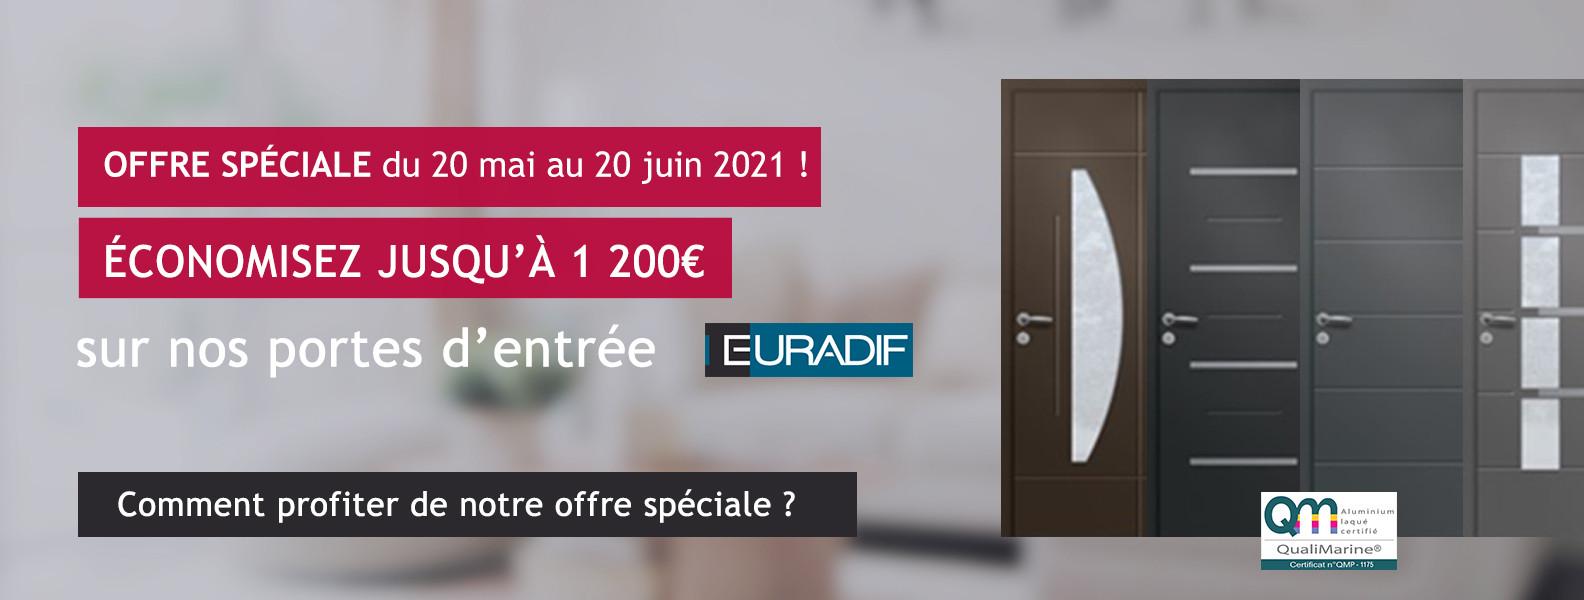 Offre Porte d'entrée Euradif Mai Juin 2021